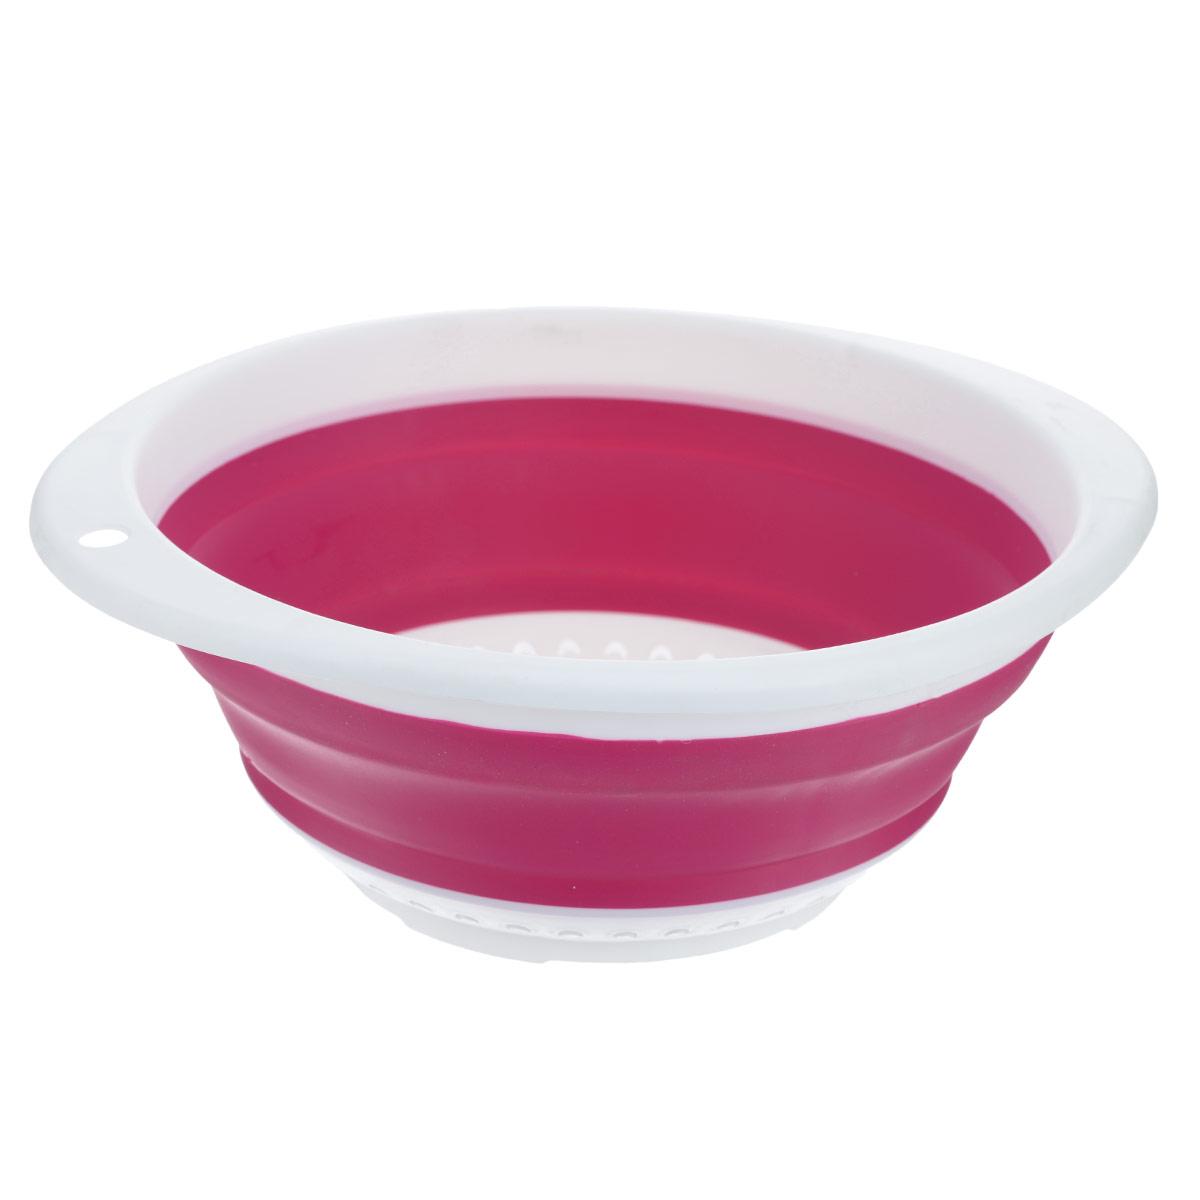 Дуршлаг складной Oriental Way, цвет: белый, розовый, 30 см х 27 см642792Складной дуршлаг Oriental Way станет полезным приобретением для вашей кухни. Он изготовлен из высококачественного пищевого силикона и пластика. Дуршлаг оснащен двумя удобными ручками. Одна ручка снабжена специальным отверстием для подвешивания. Изделие прекрасно подходит для процеживания, ополаскивания и стекания макарон, овощей, фруктов. Дуршлаг компактно складывается, что делает его удобным для хранения.Можно мыть в посудомоечной машине.Размер (по верхнему краю): 30 см х 27 см.Внутренний диаметр: 24 см.Максимальная высота: 10,5 см.Минимальная высота: 3,5 см.